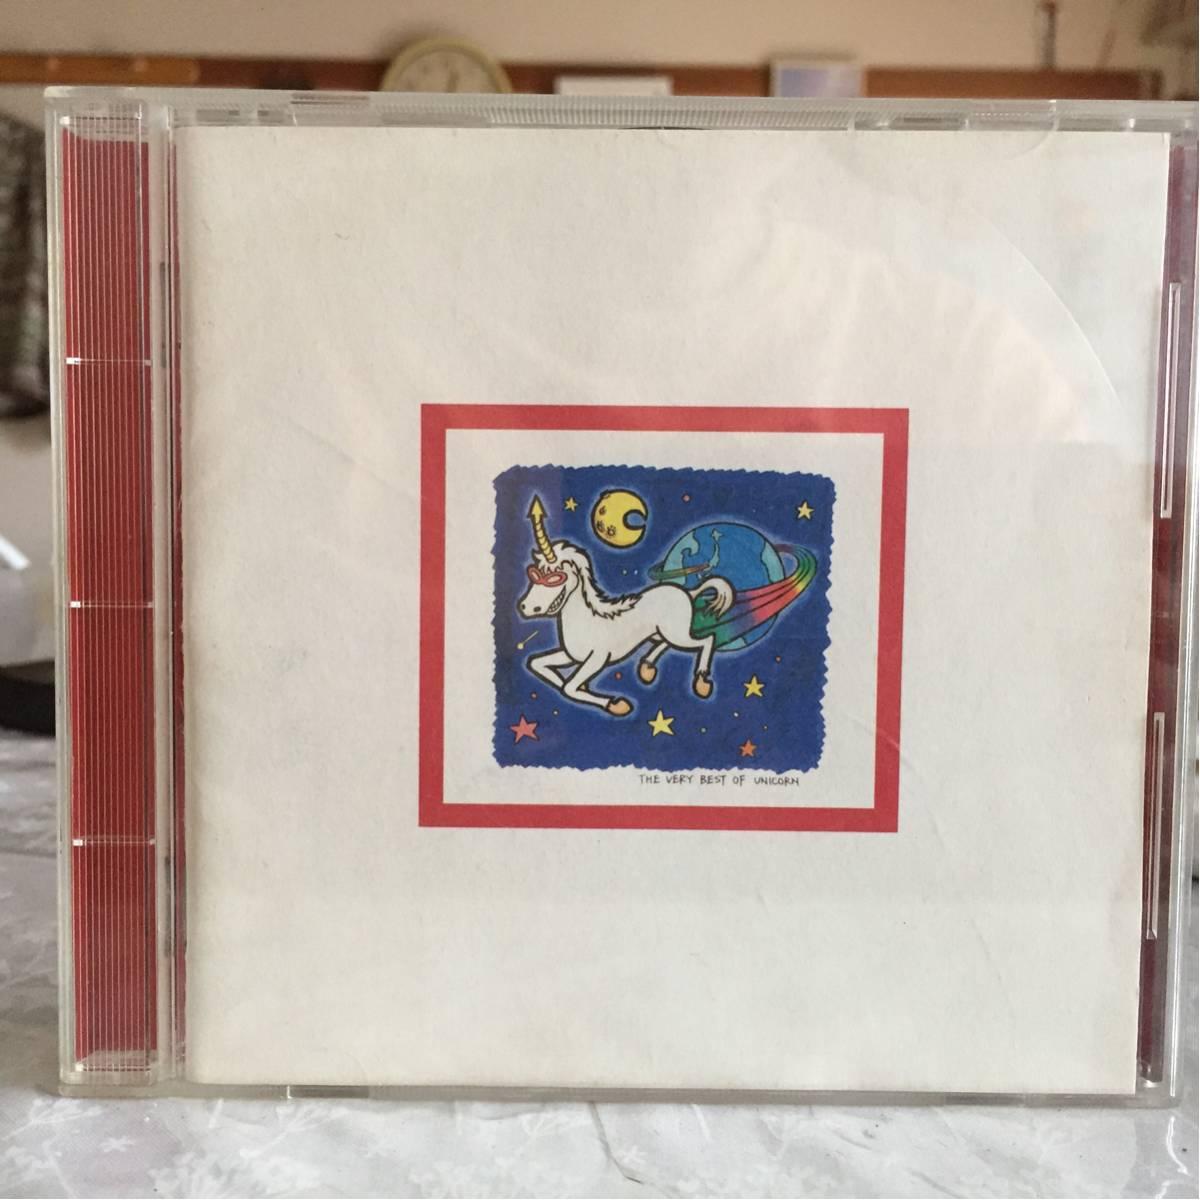 UNICORN ユニコーン THE VERY BEST OF UNICORN アルバム CD